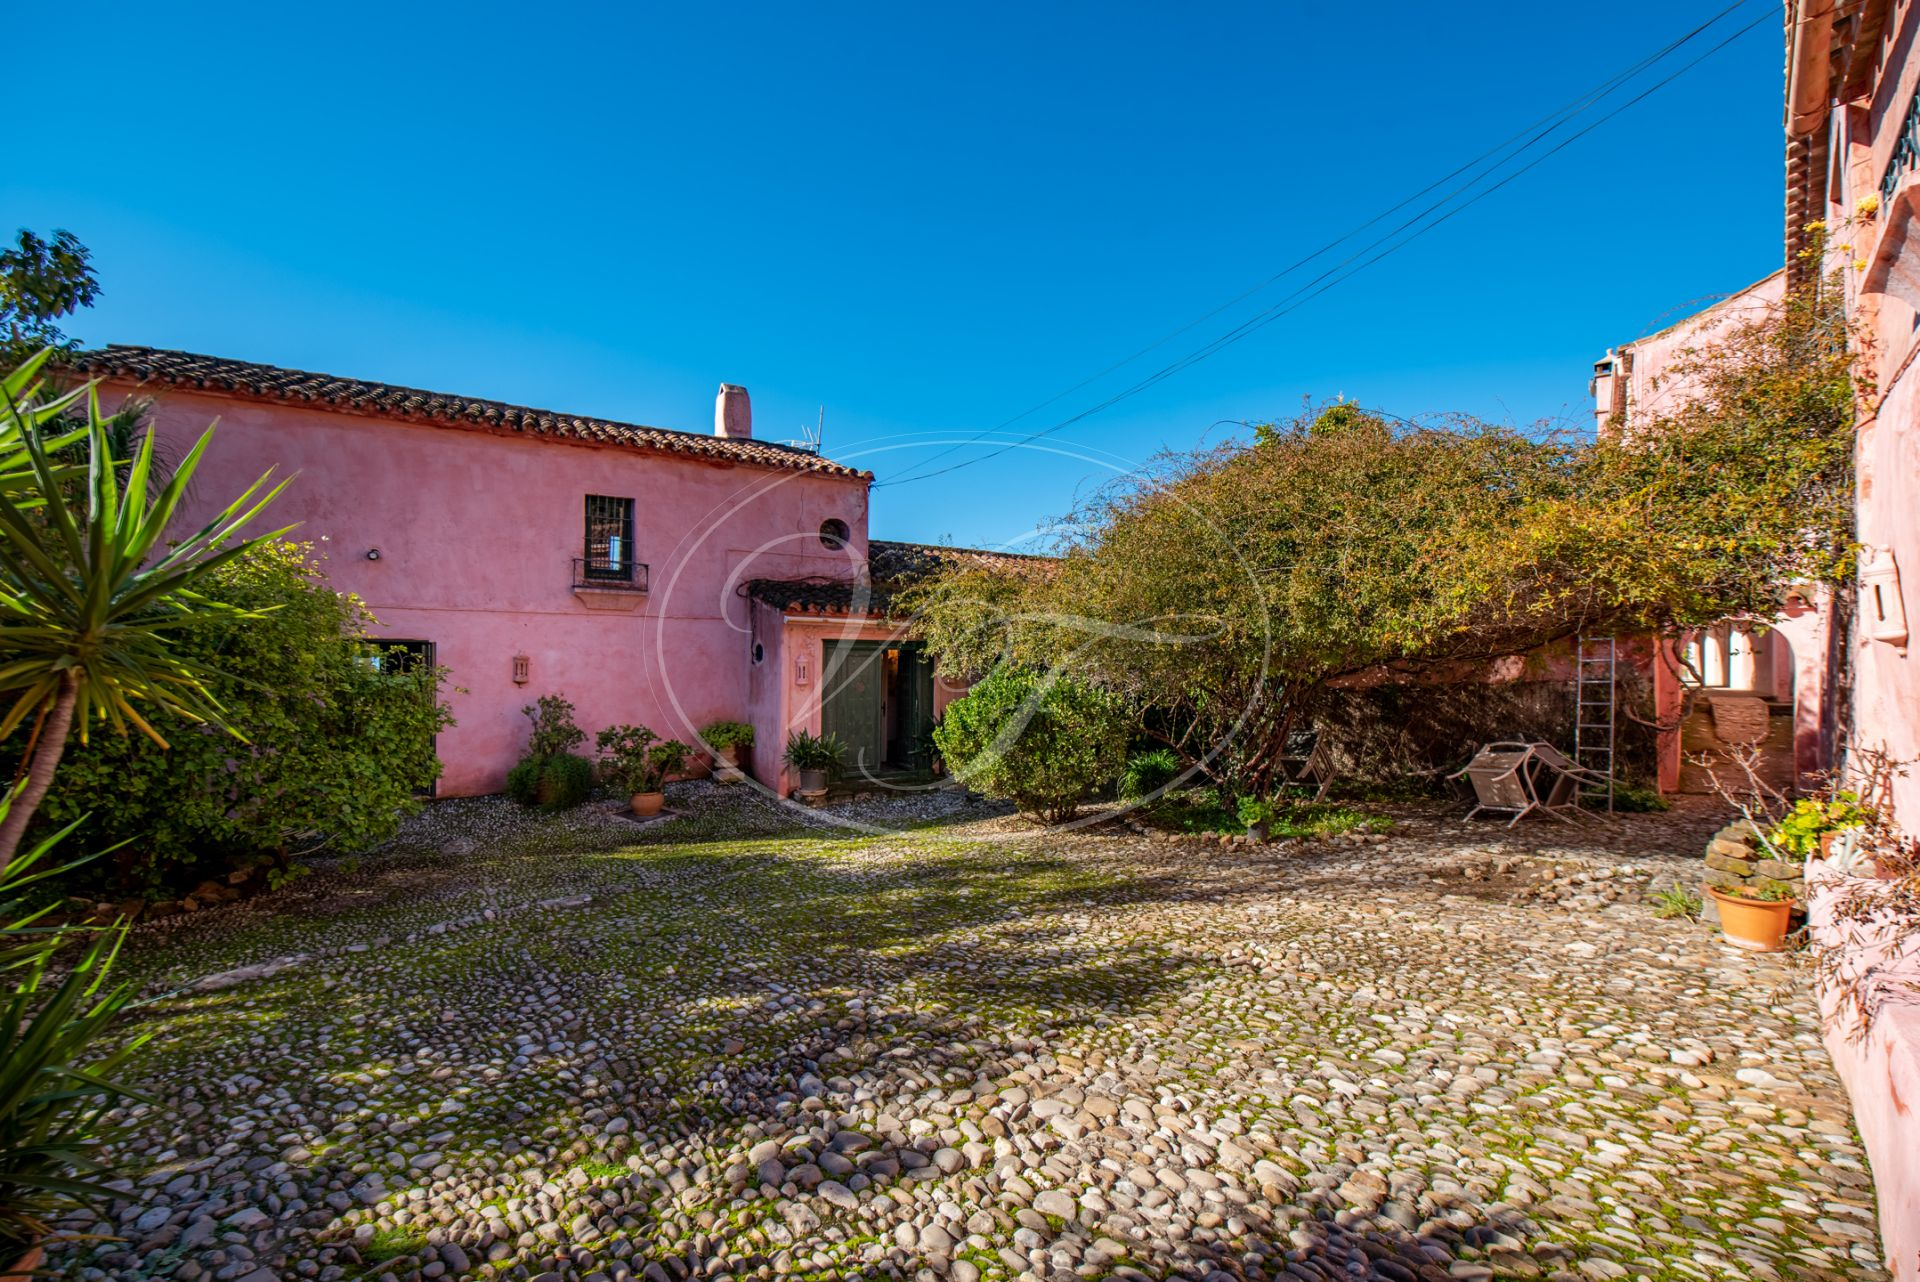 Cortijo for sale in Gaucin